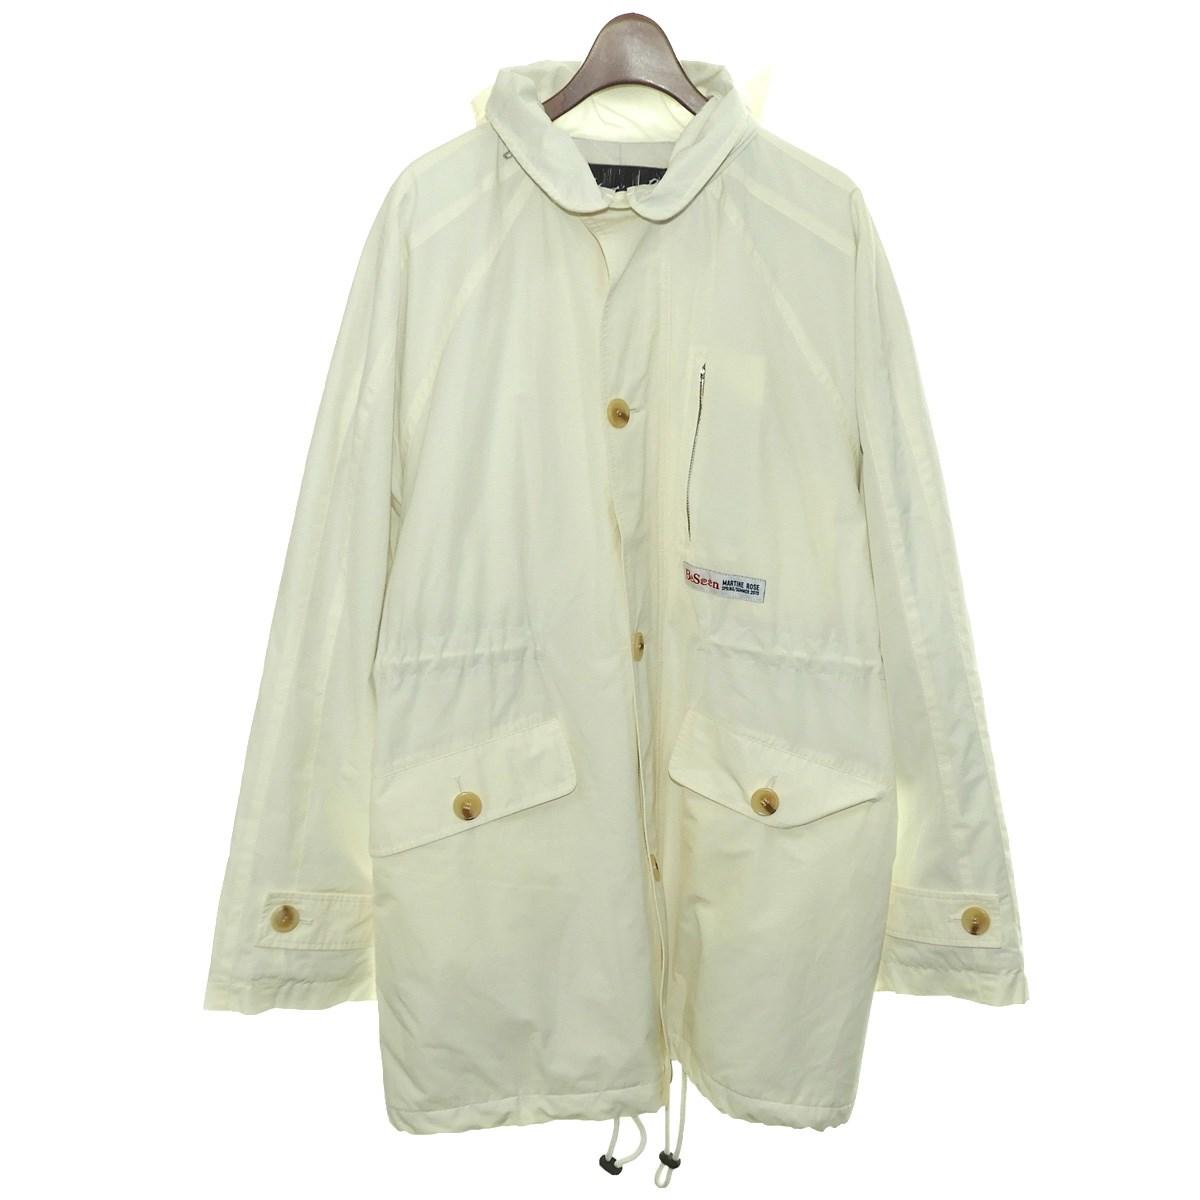 【中古】MARTINE ROSE19SS フーデッドコート ホワイト サイズ:S【2月6日見直し】